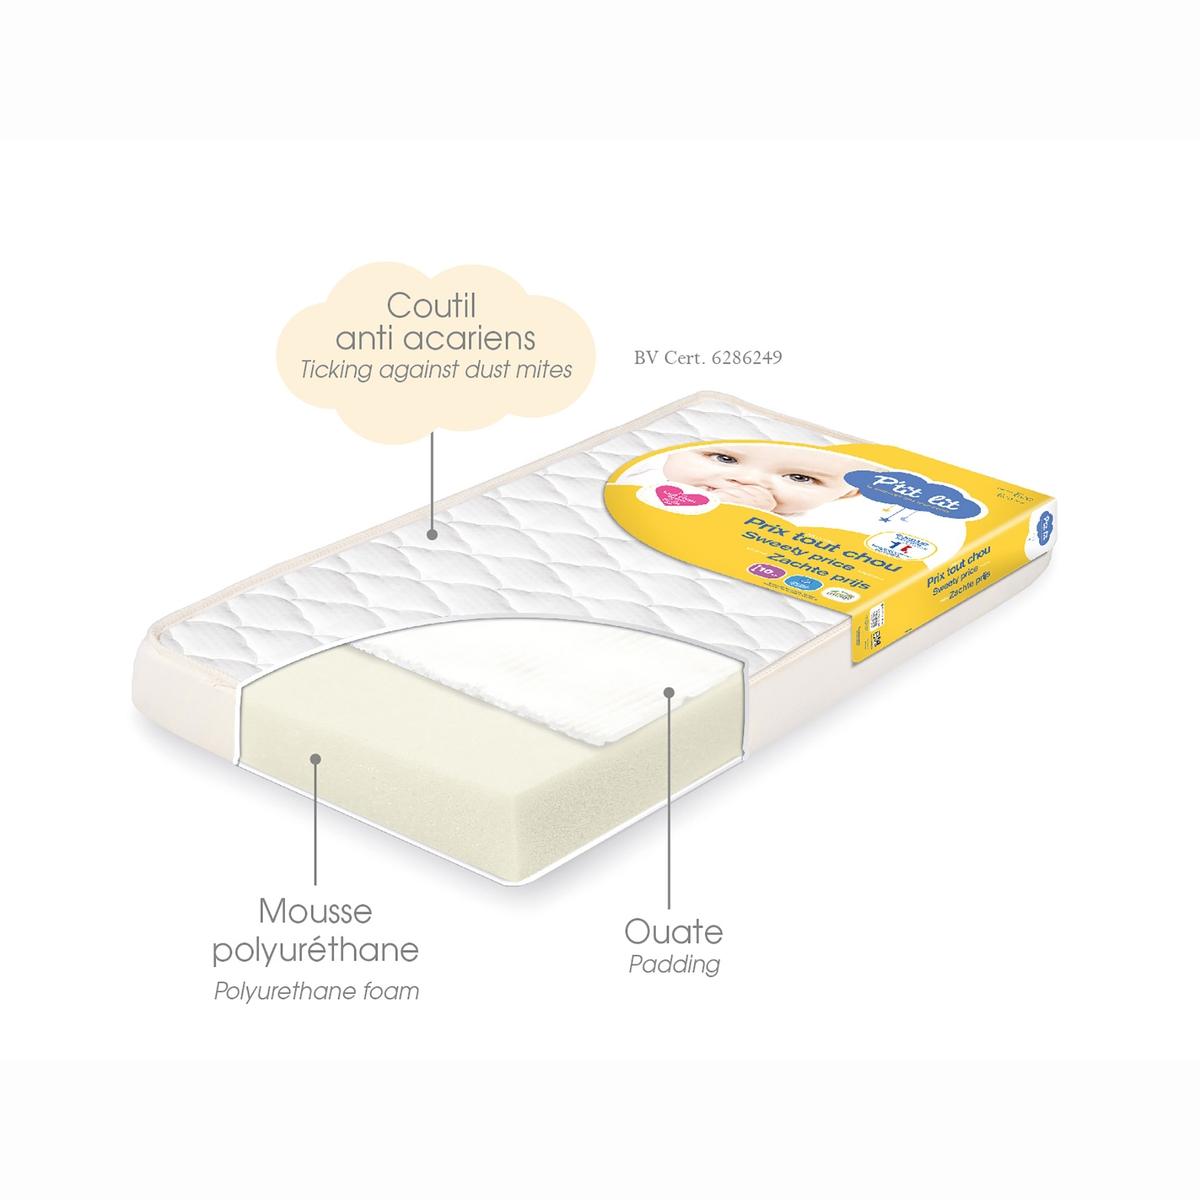 Матраса детский TOUT CHOU - P'TIT LITМатрас TOUT CHOU P'TIT LIT дарит максимальный комфорт по привлекательной цене .Характеристики матраса TOUT CHOU P'TIT LIT              Наполнитель из полиуретана 18кг/м3.Характеристики         Ткань тик 39% полипропилена, 61% полиэстера       Ткань с обработкой против клещей и плесени  Биоцидная обработка       Разм. : 60 x 120, толщина 10 см и 70 x 140, толщина 10 см<br><br>Цвет: белый